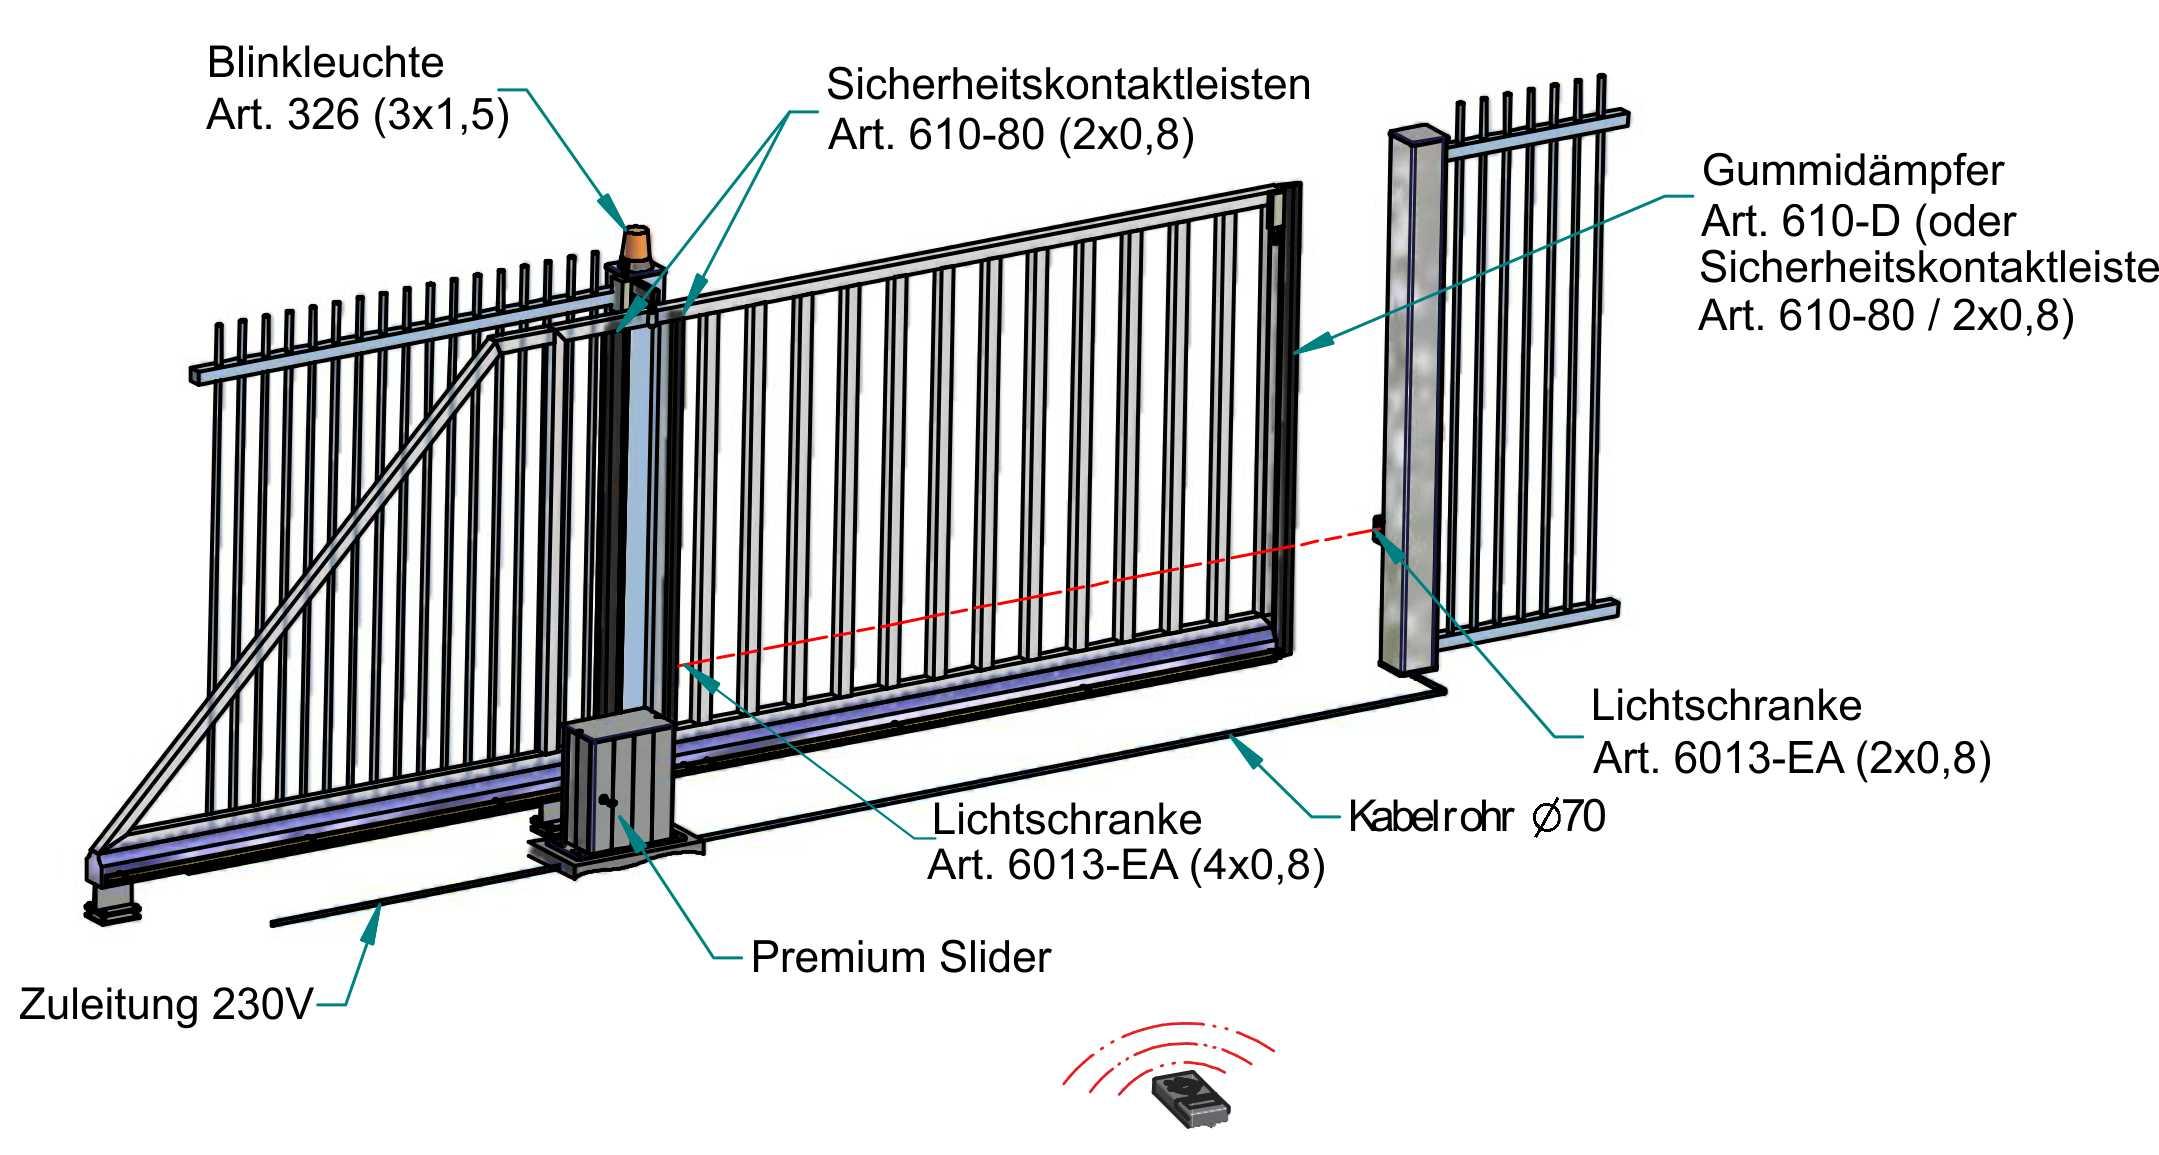 Premium_Slider_Kabelplan